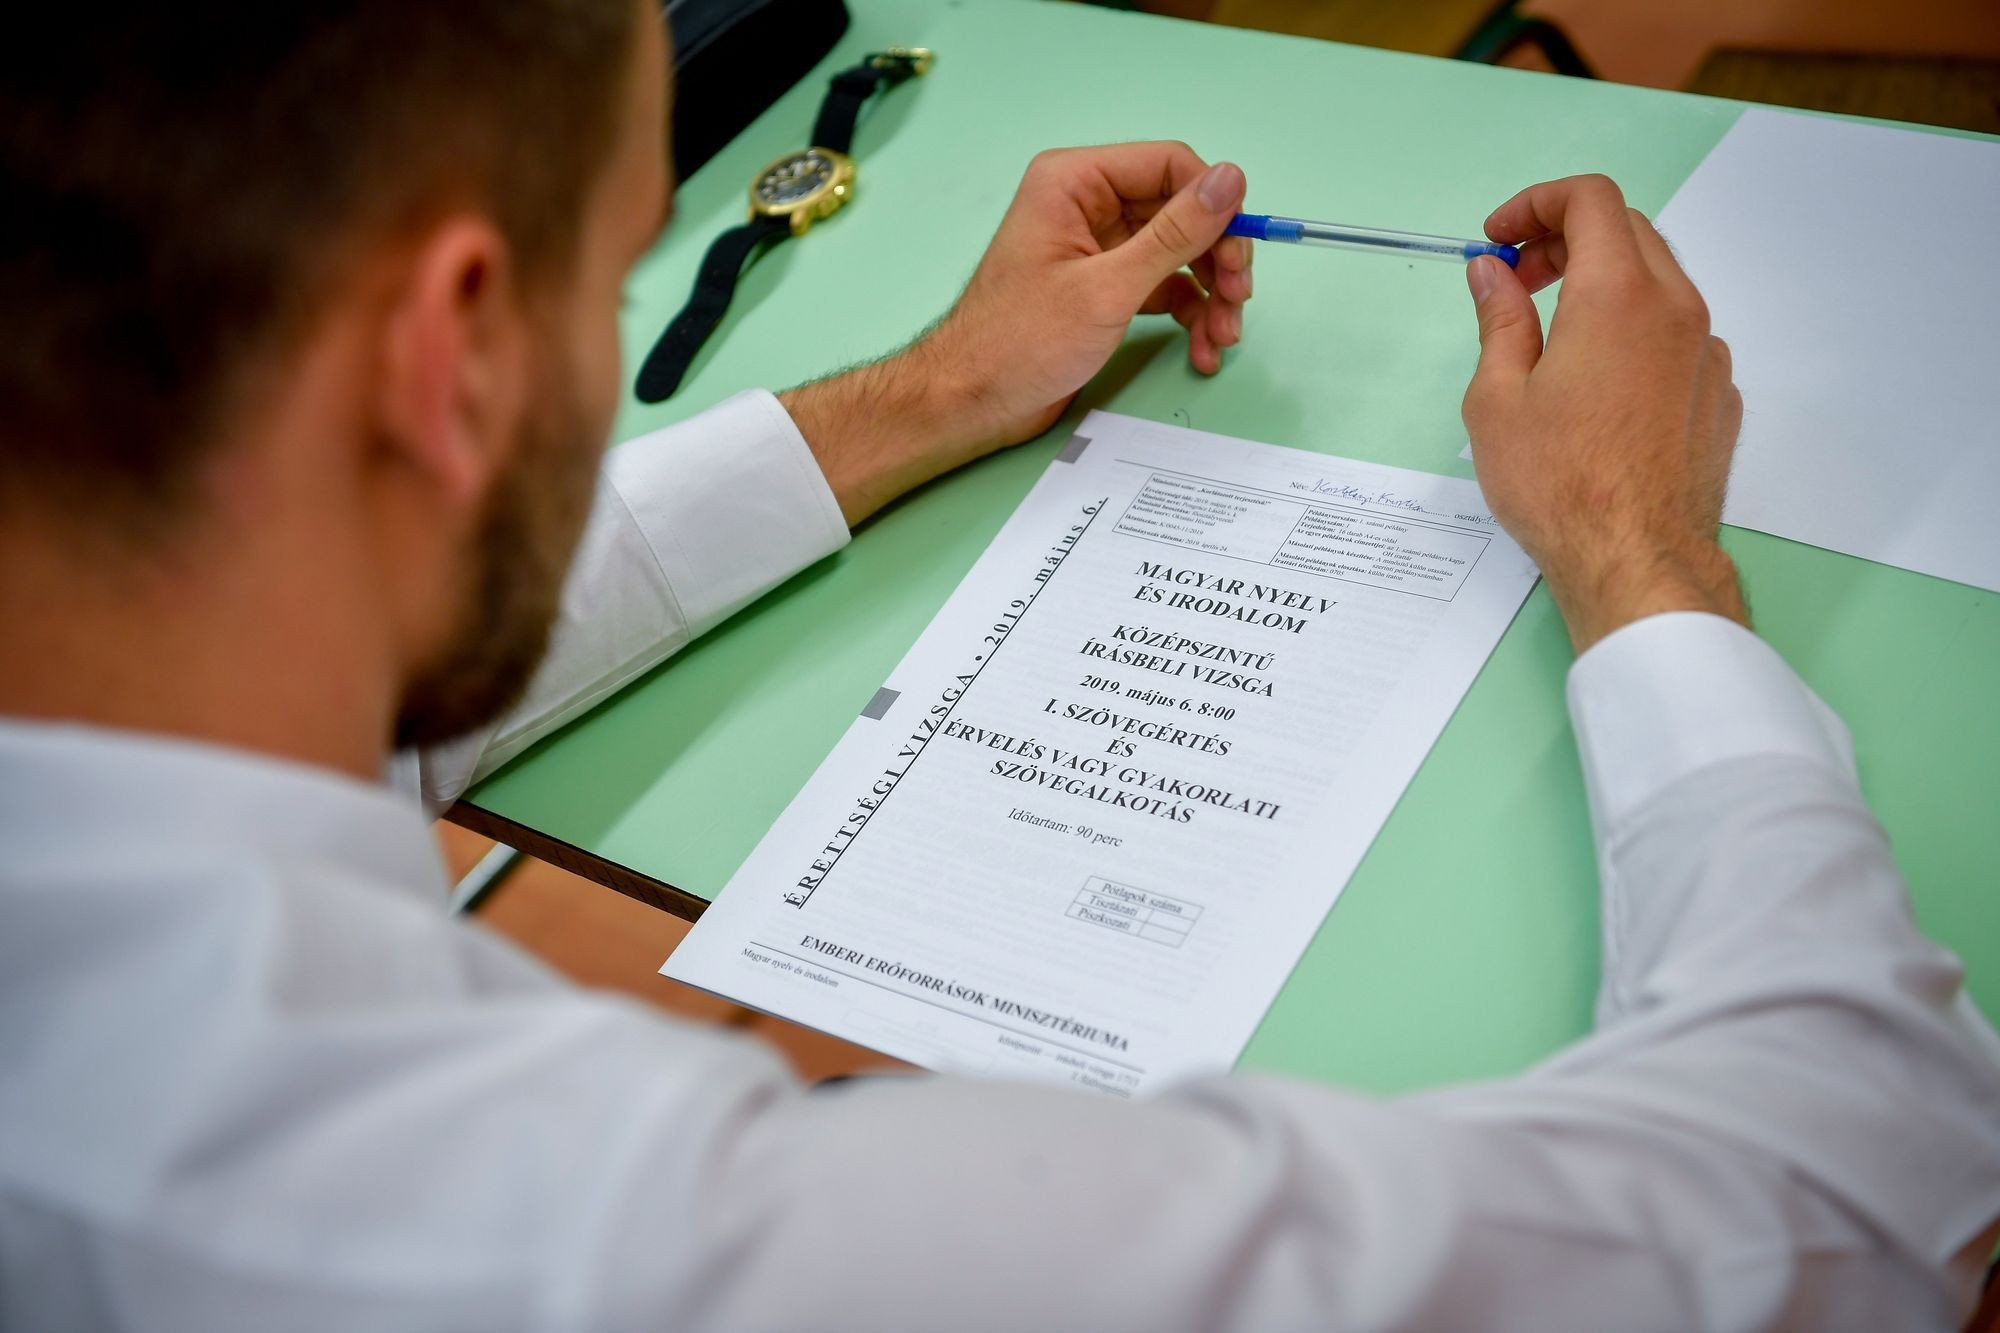 Nem találták nehéznek a magyar feladatokat a diákok